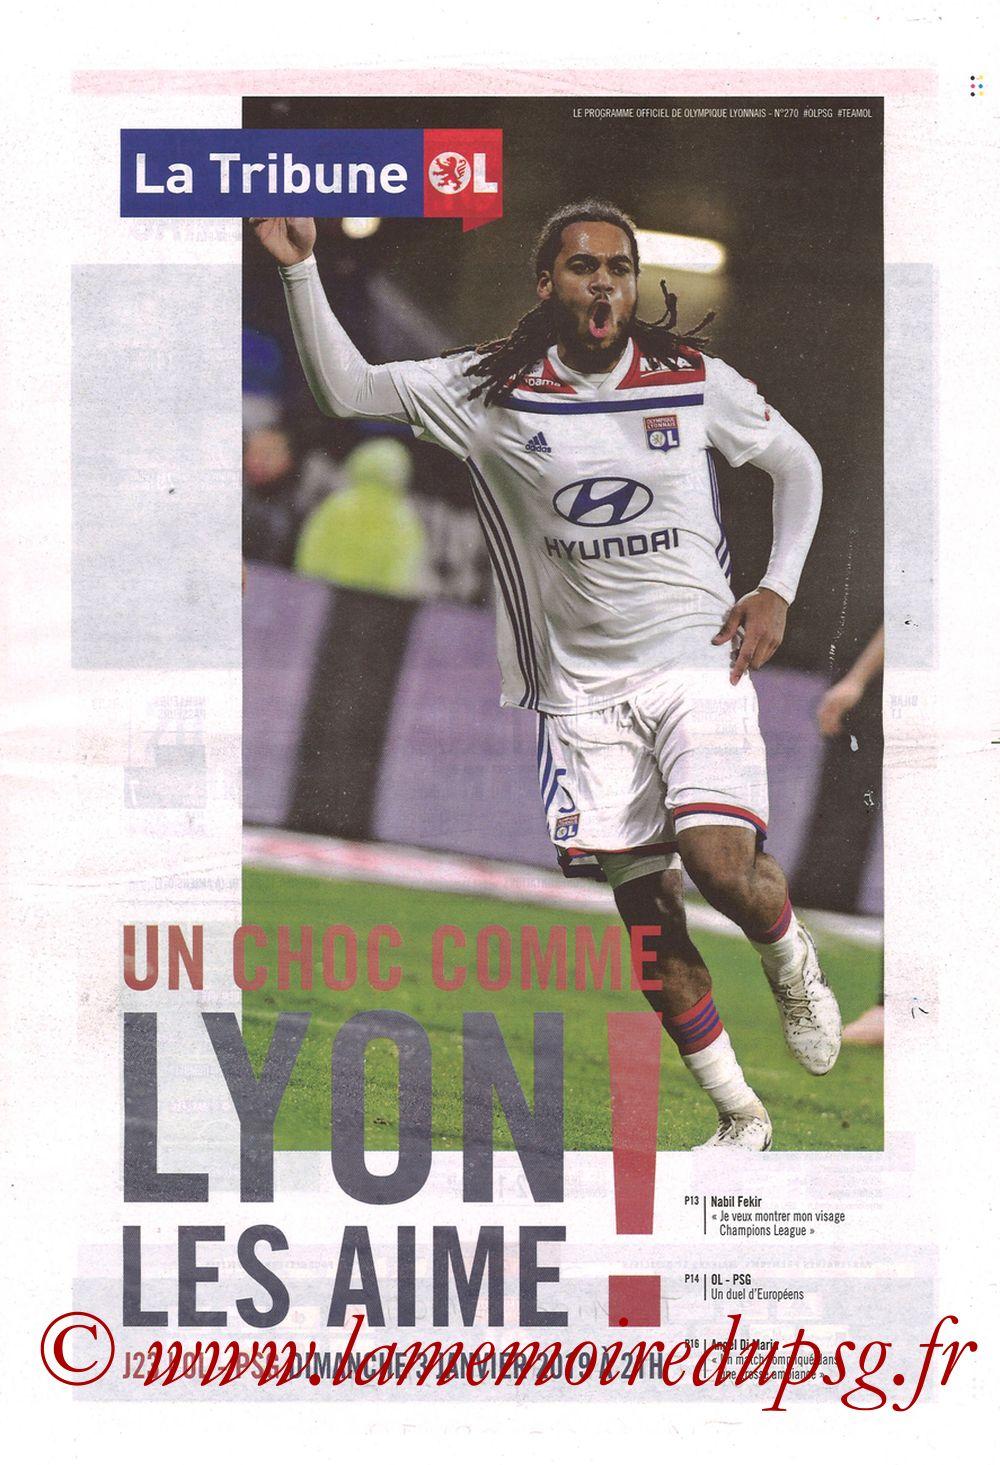 2019-02-03  Lyon-PSG (23ème L1, La Tribune OL N°270) - Page 03